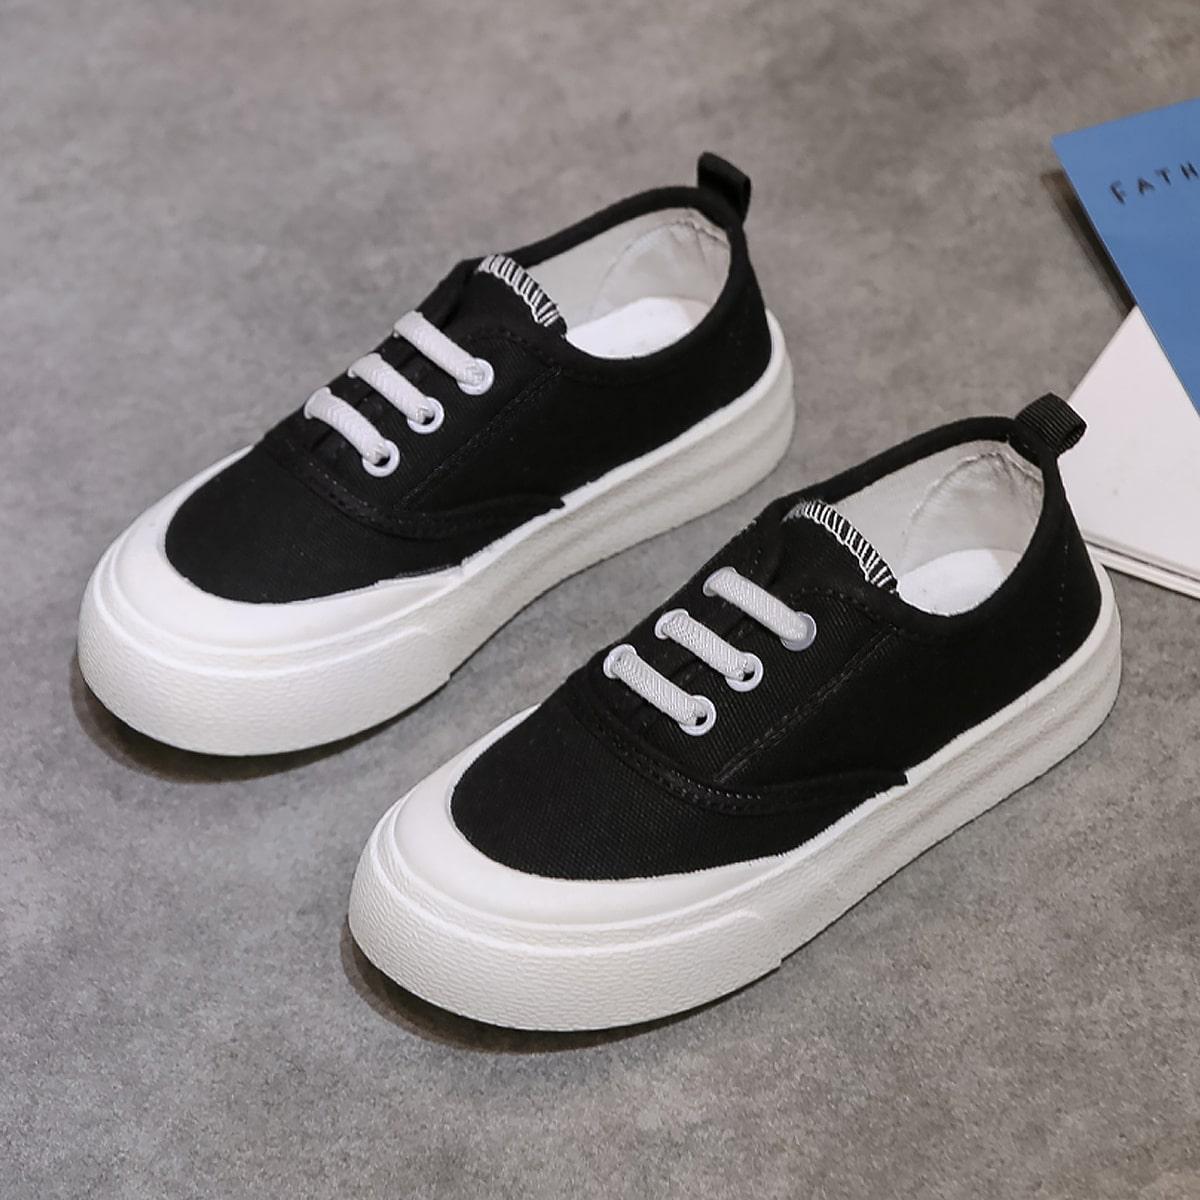 Минималистичные холщовые туфли на шнурке для мальчиков от SHEIN